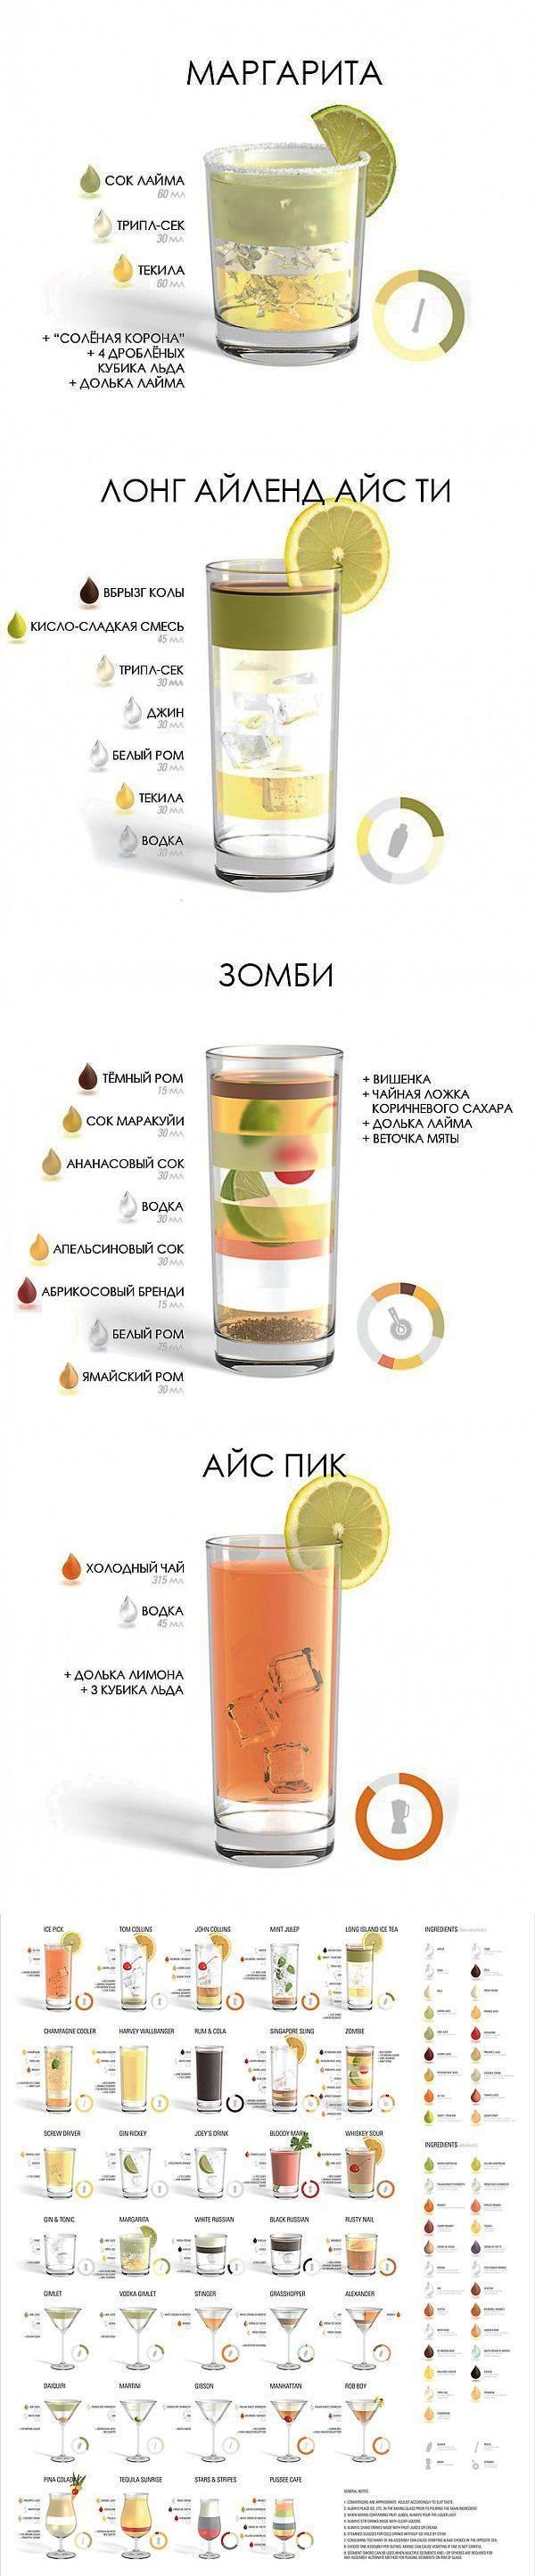 Коктейли с бейлисом: простые рецепты приготовления напитков на основе ликера с добавлением виски, рома, водки и других ингредиентов в домашних условиях | mosspravki.ru